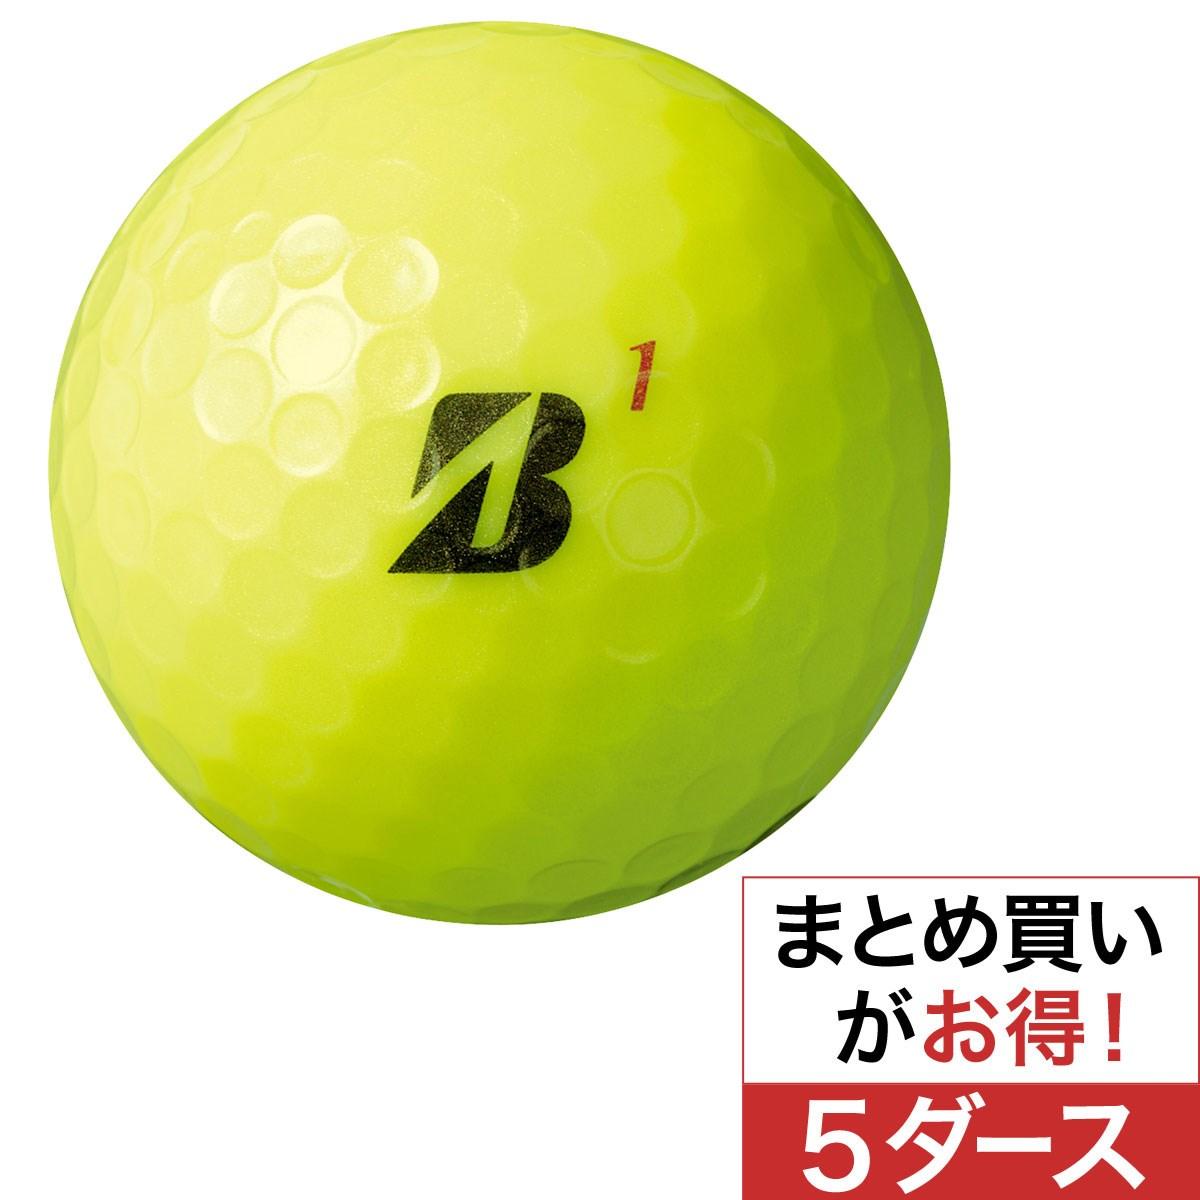 ブリヂストン(BRIDGESTONE GOLF) TOUR B X ボール 5ダースセット【オンネームサービス有り】(文字色:黒のみ)【2020年2月21日発売予定】